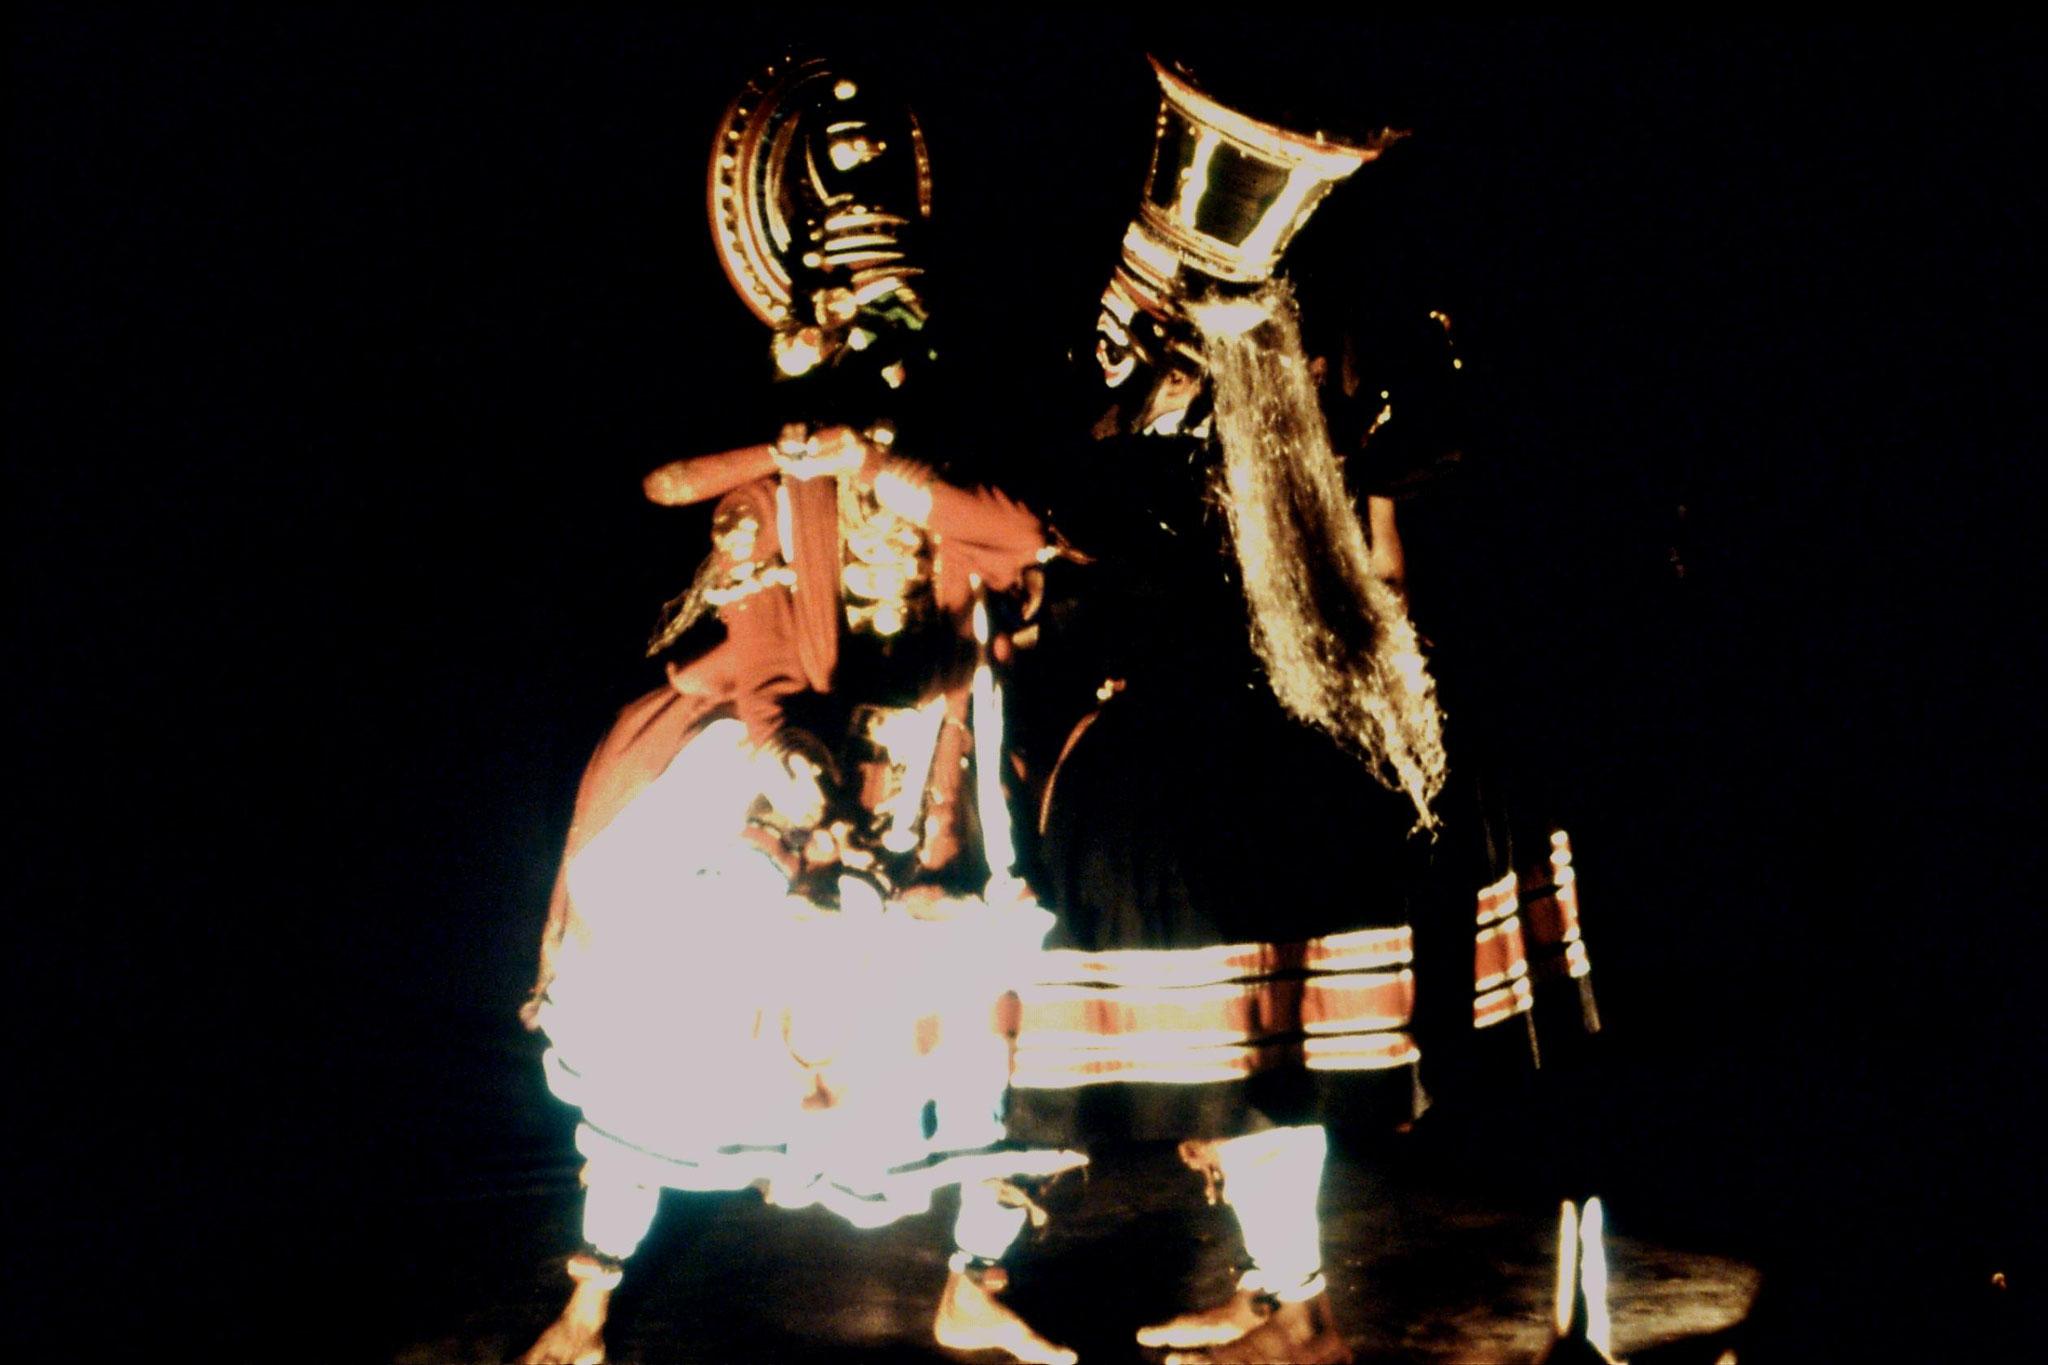 106/23: 24/2/1990 Erkunaculum - See India Foundation - Kathakali Dance